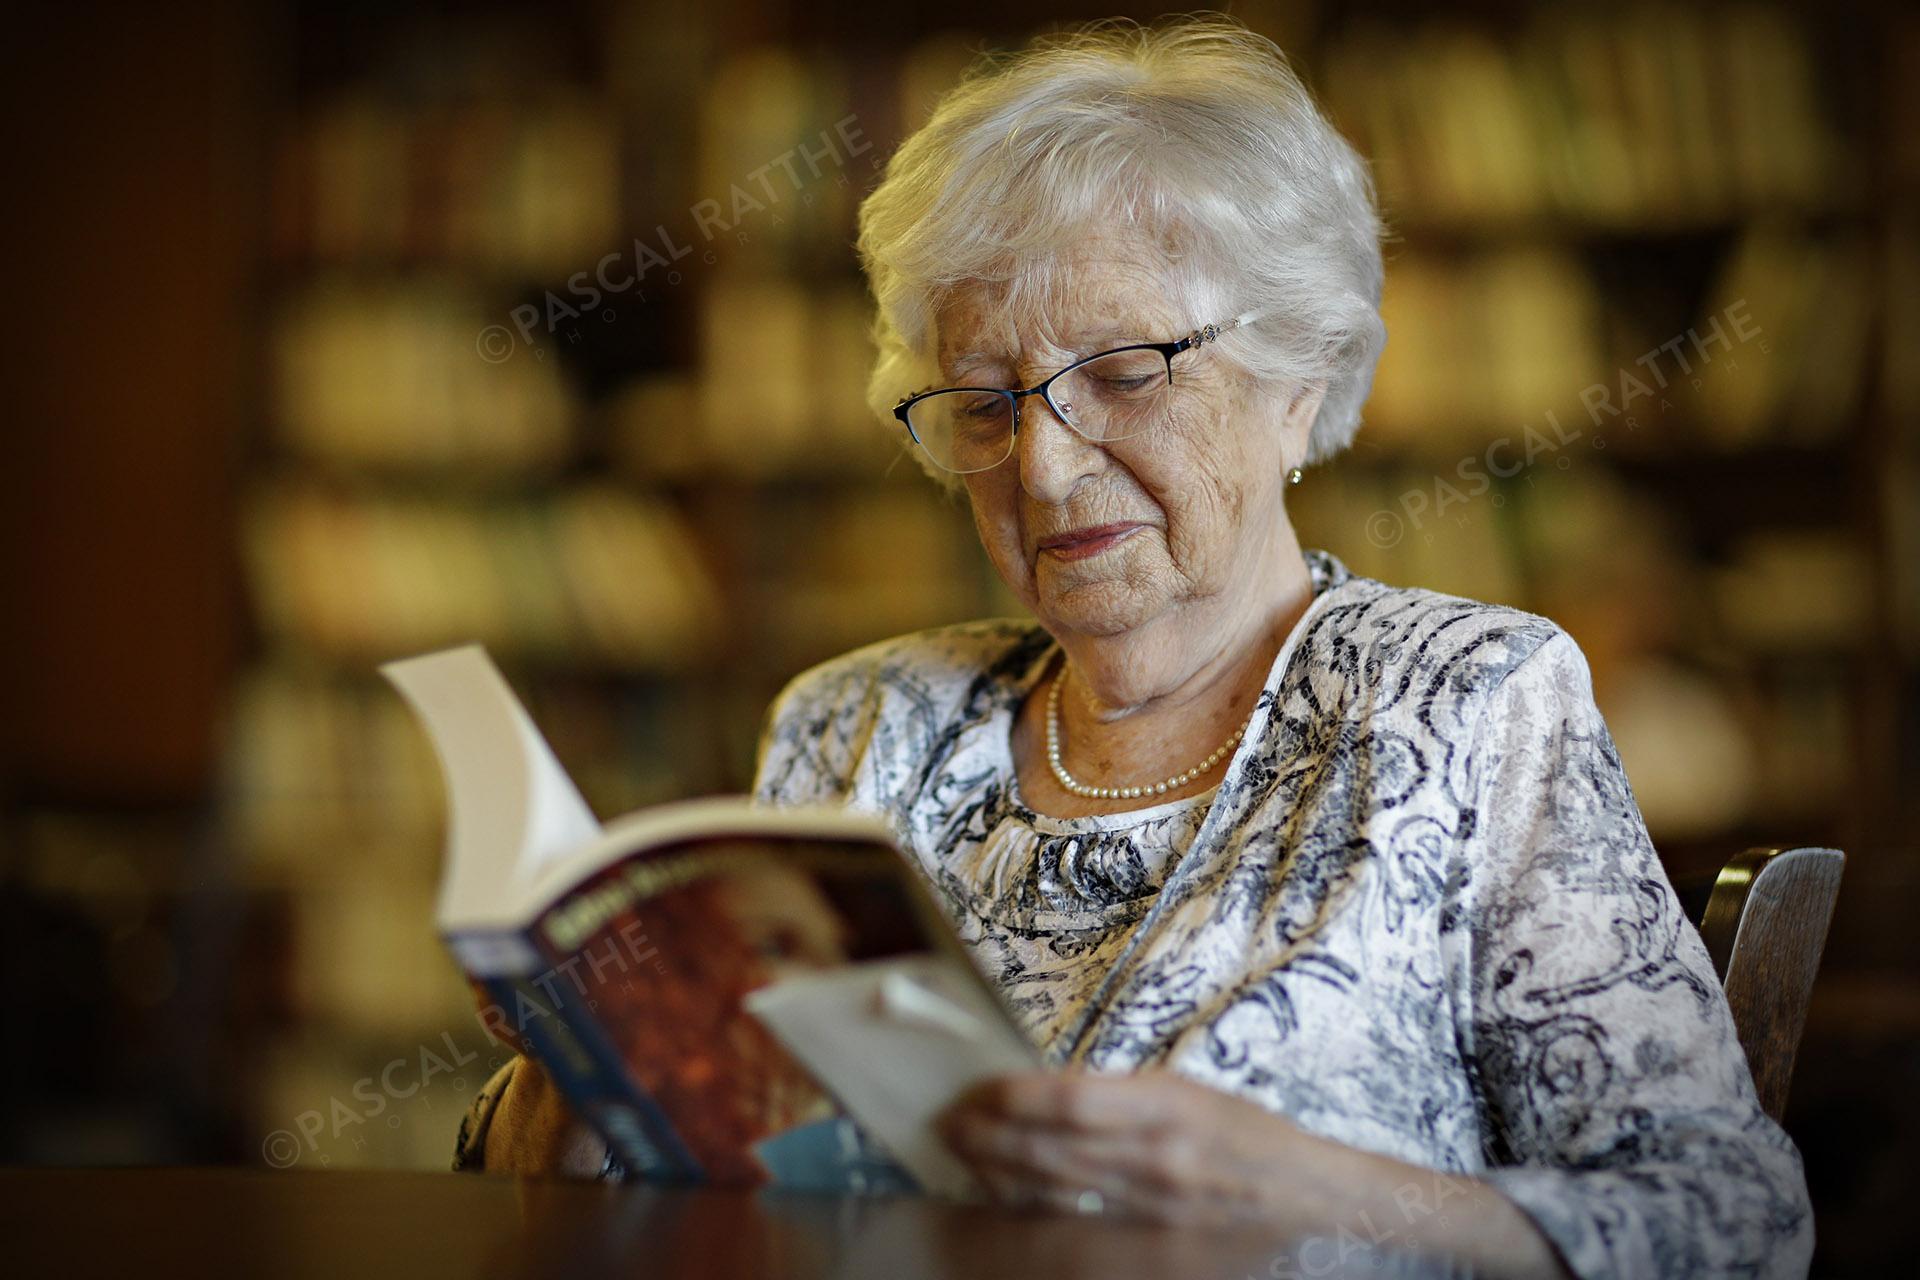 une personne du 3e âge lisant un livre